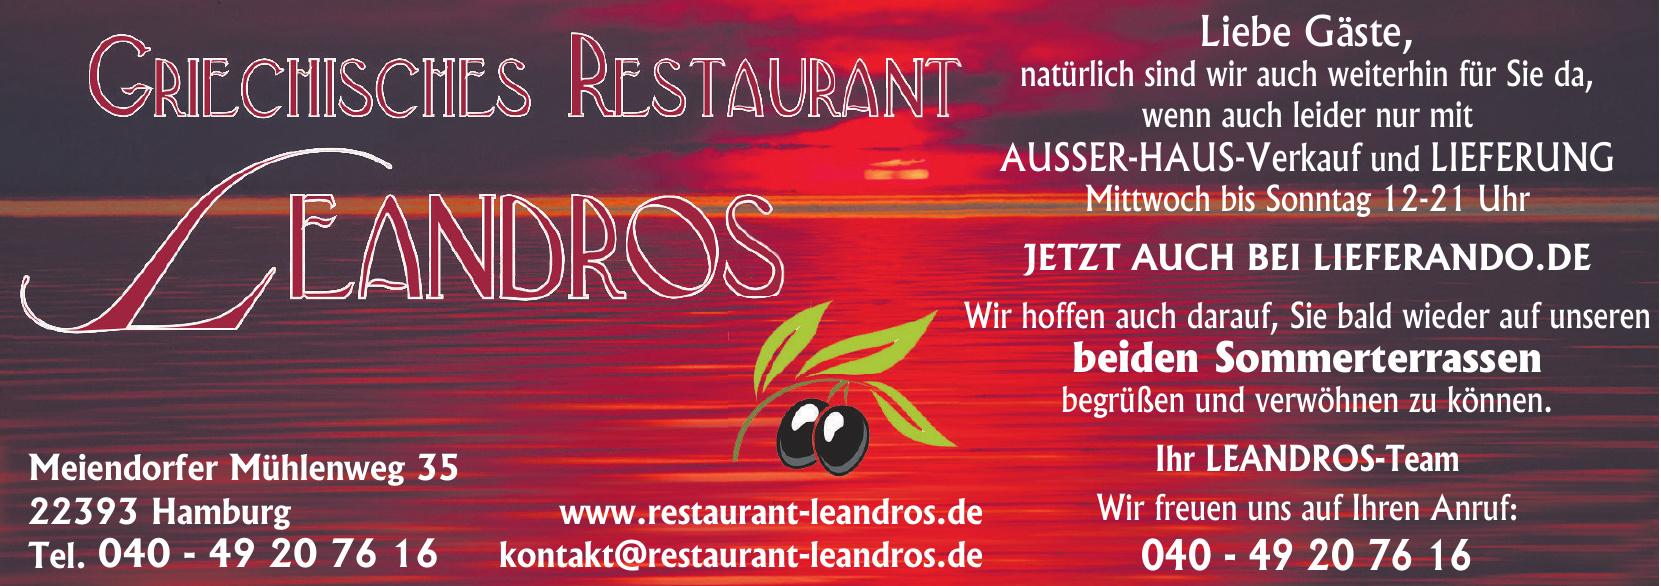 Griechisches Restaurant Leandros